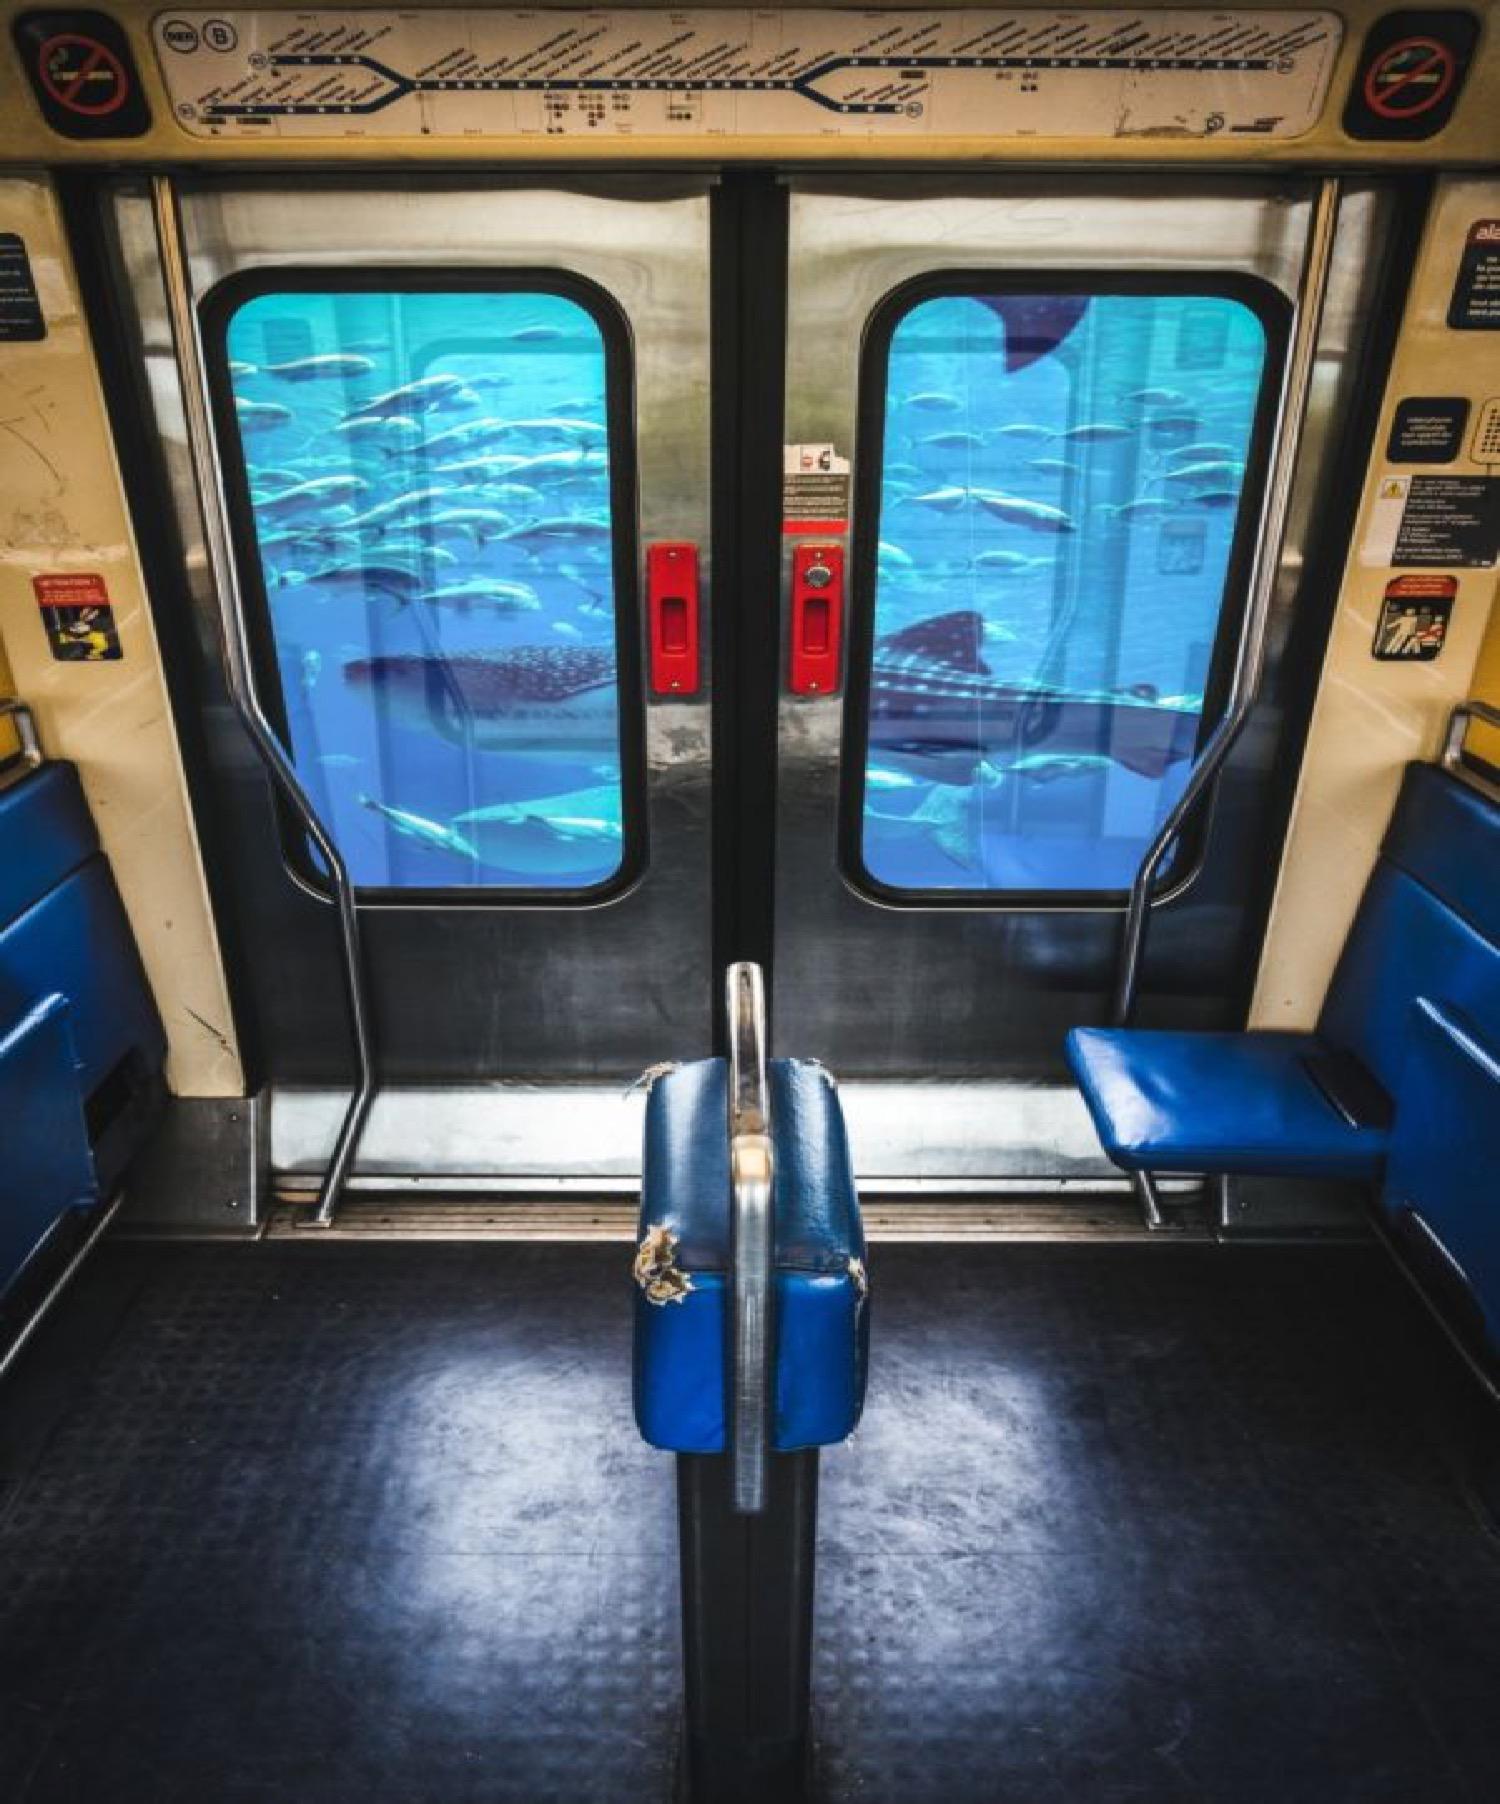 RER BOCAL - Photo de Mathieu Alemany 40x60 cm